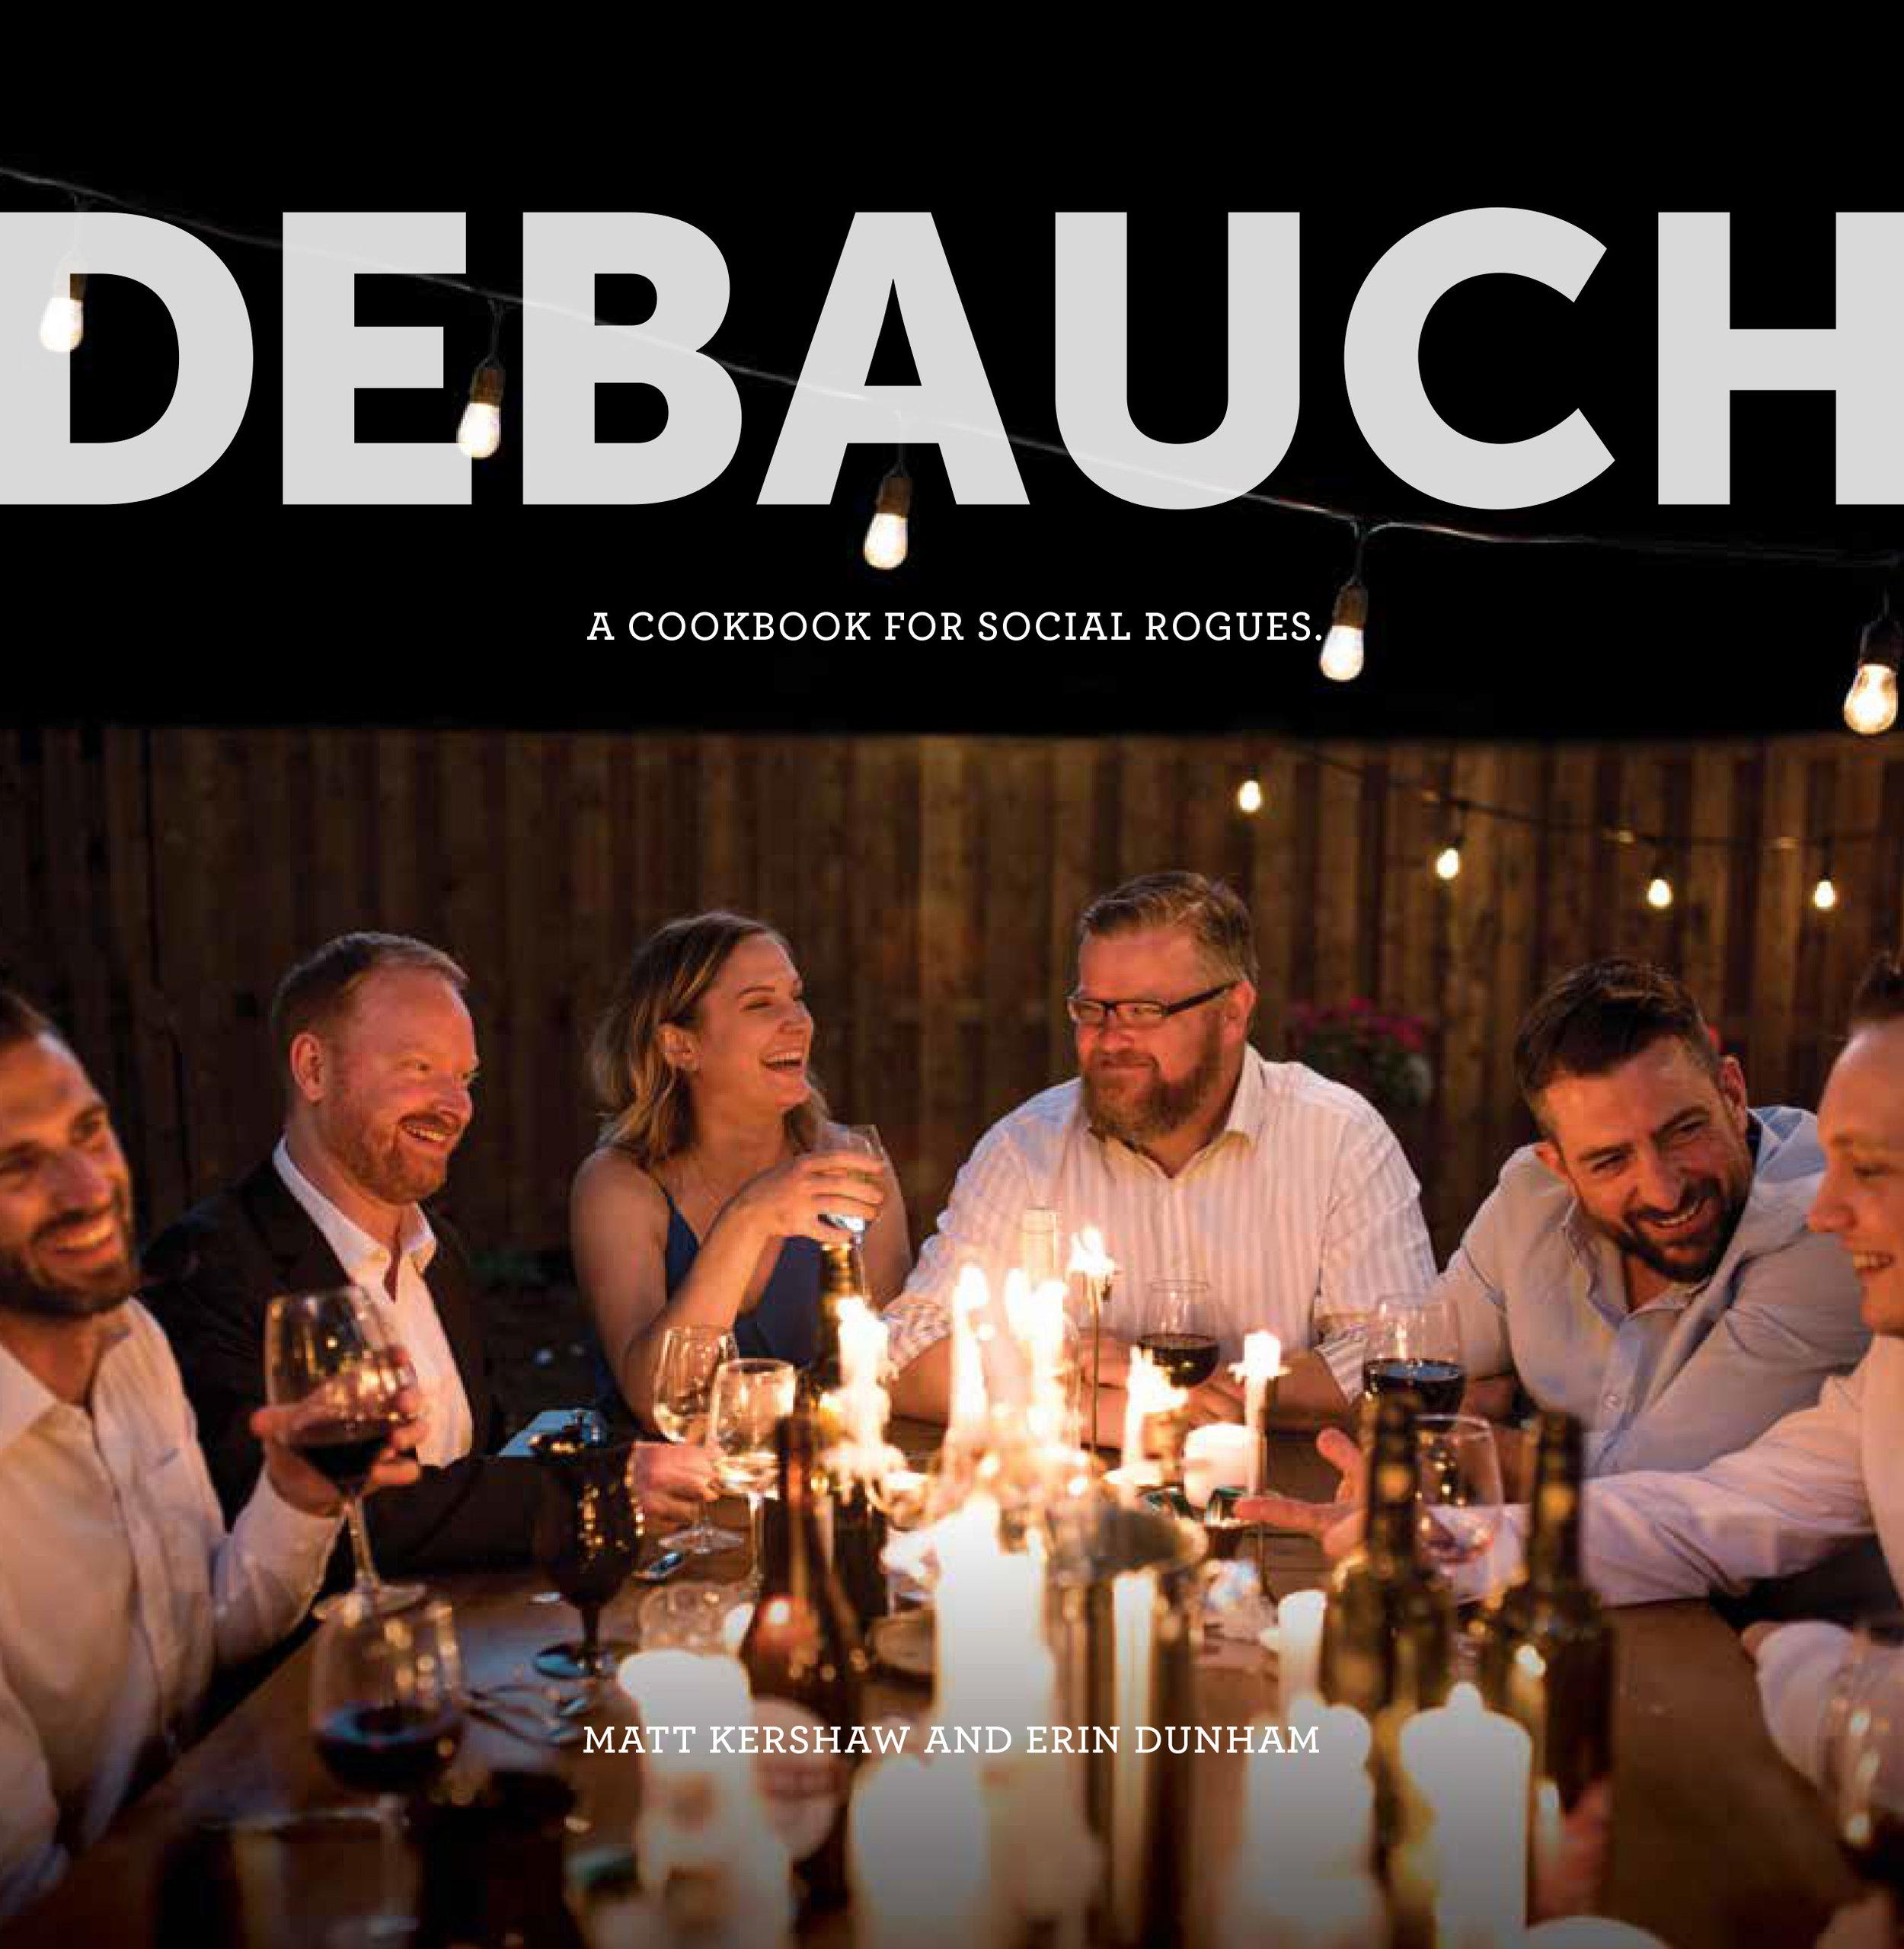 DEBAUCH-Cover.jpg